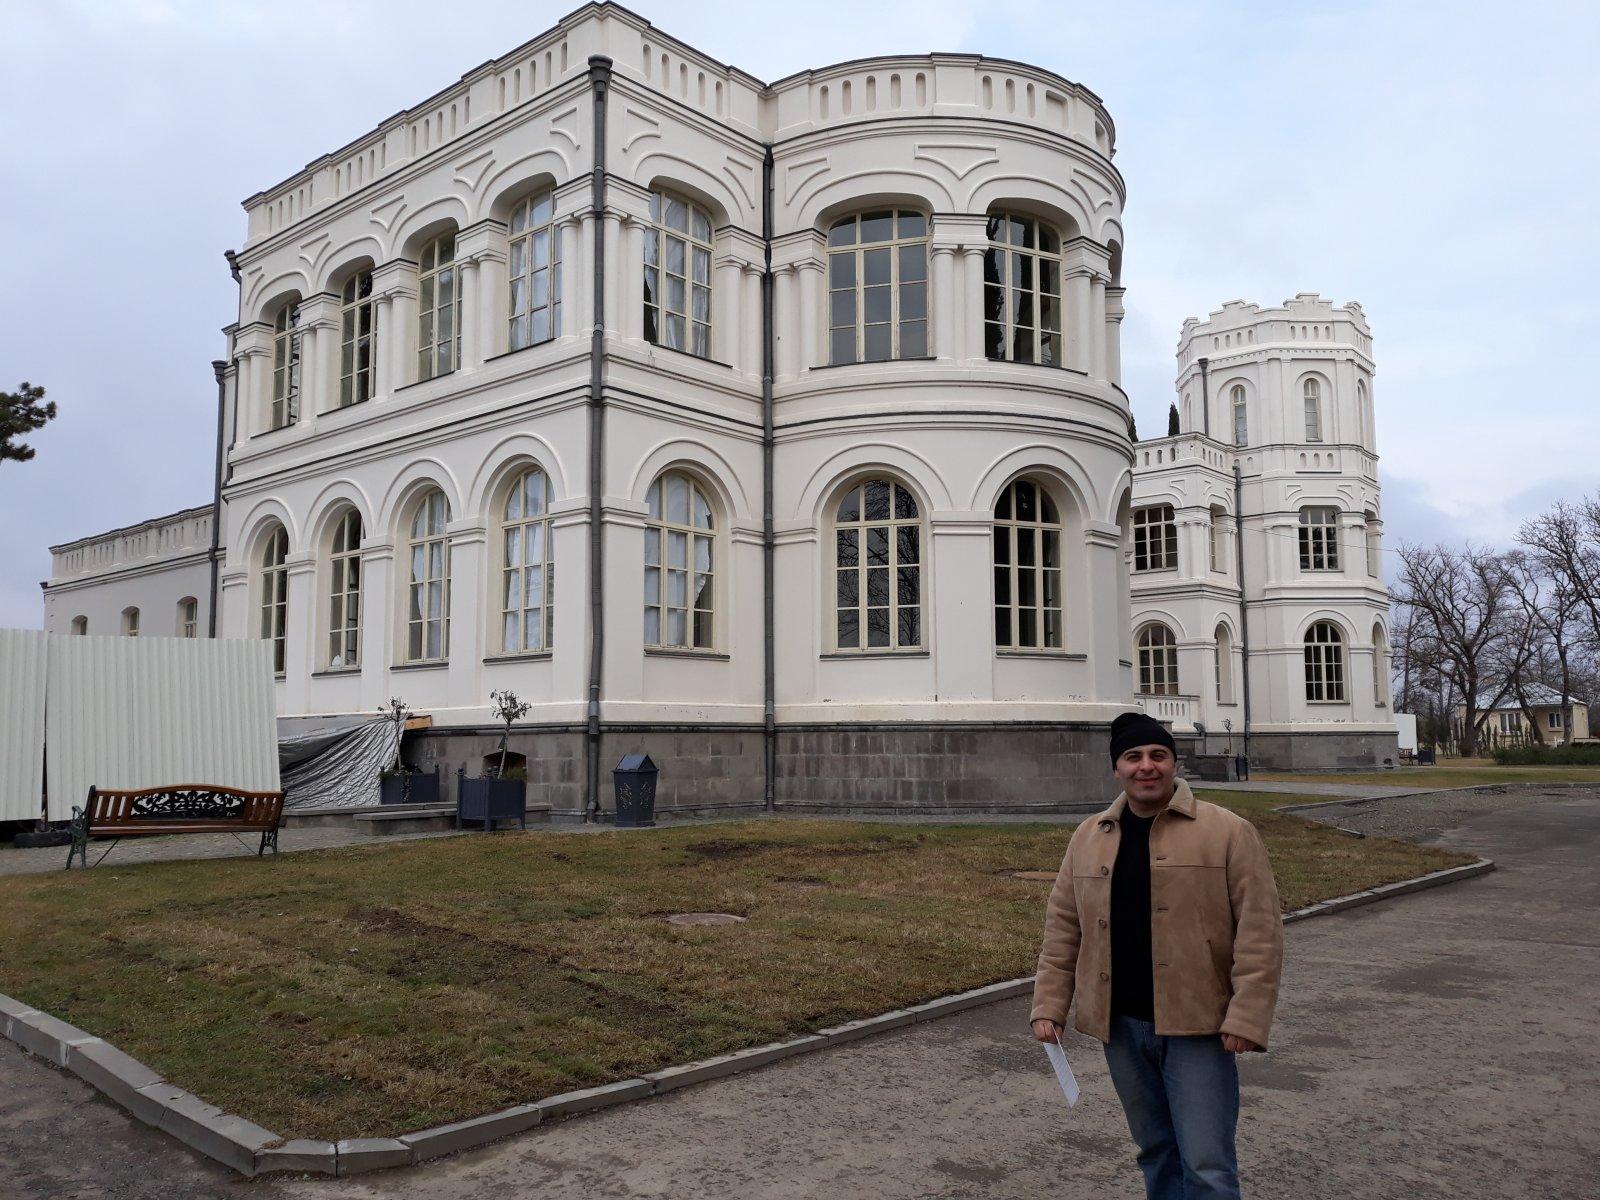 Обзорная прогулка по Тбилиси